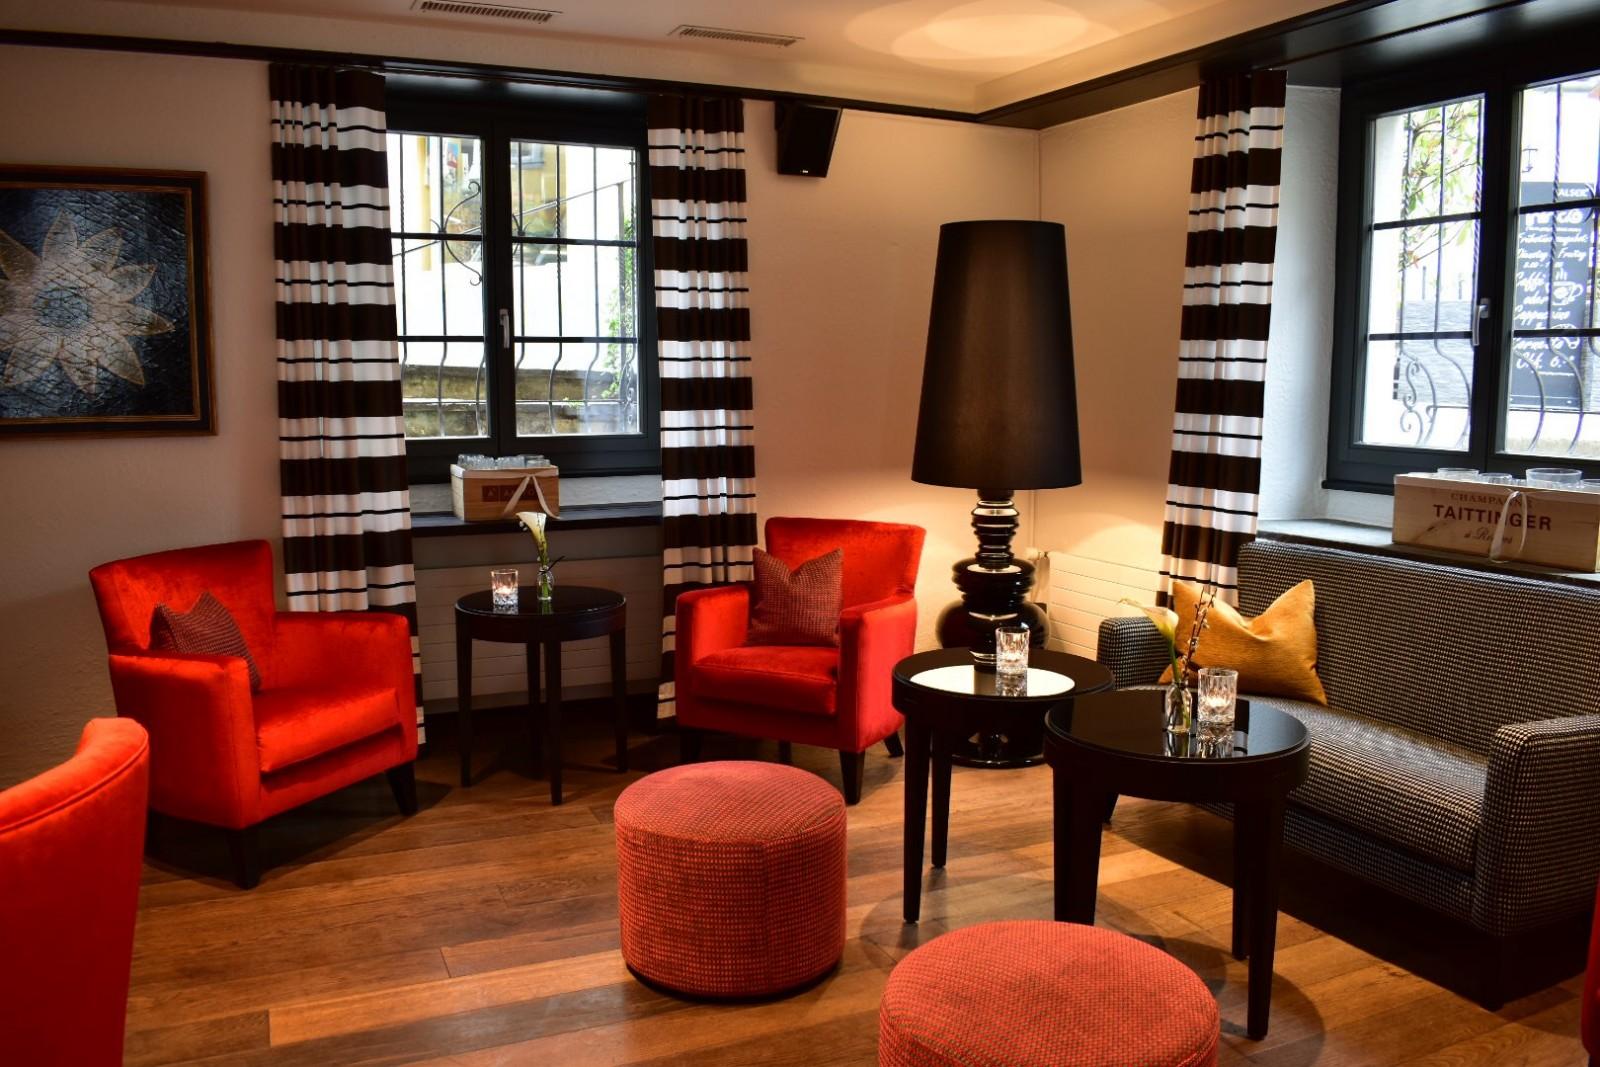 Restaurant Schwan Hotel Taverne In Horgen